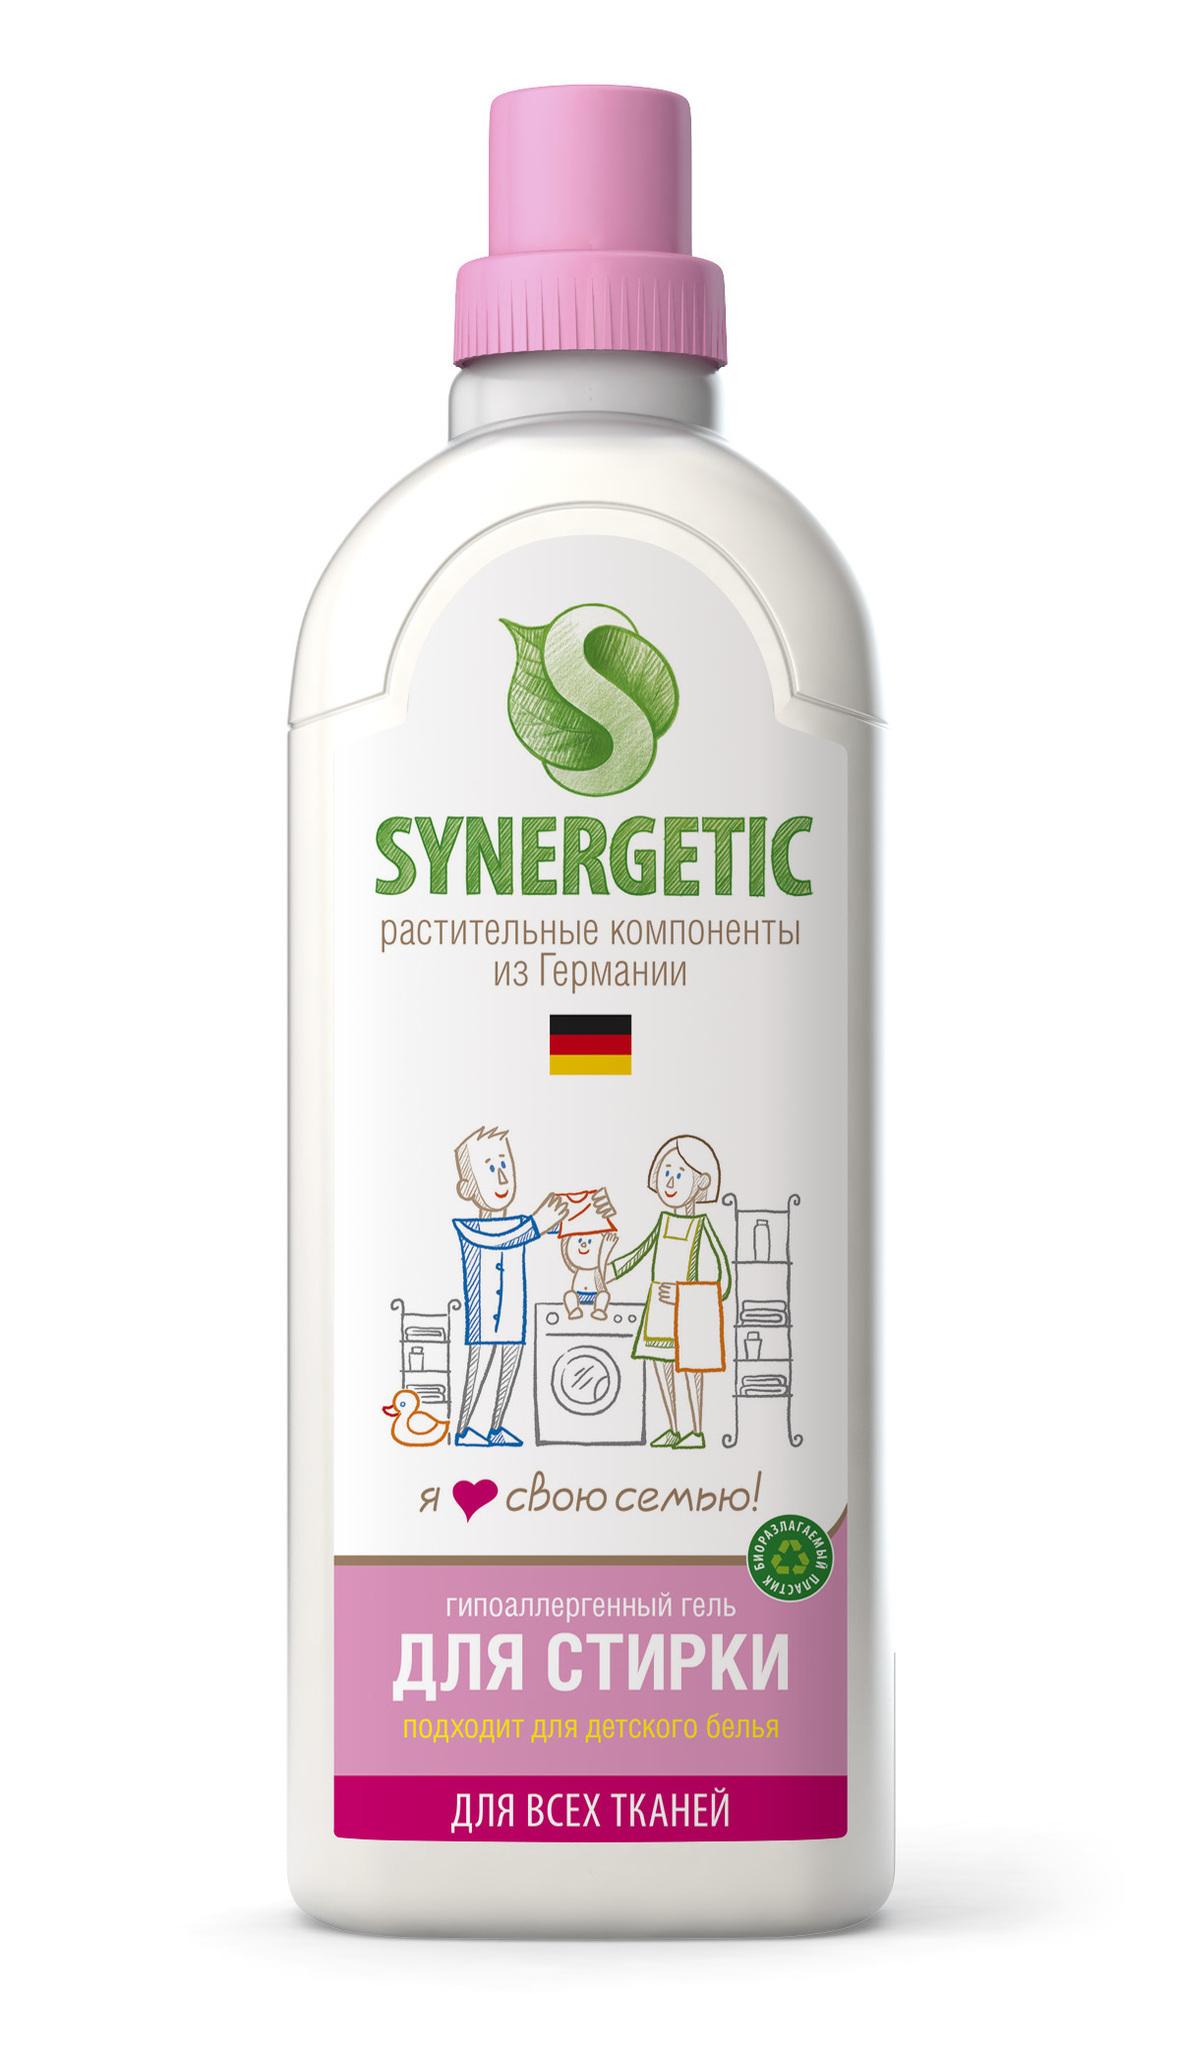 Жидкость для стирки, SYNERGETIC, 1 л.